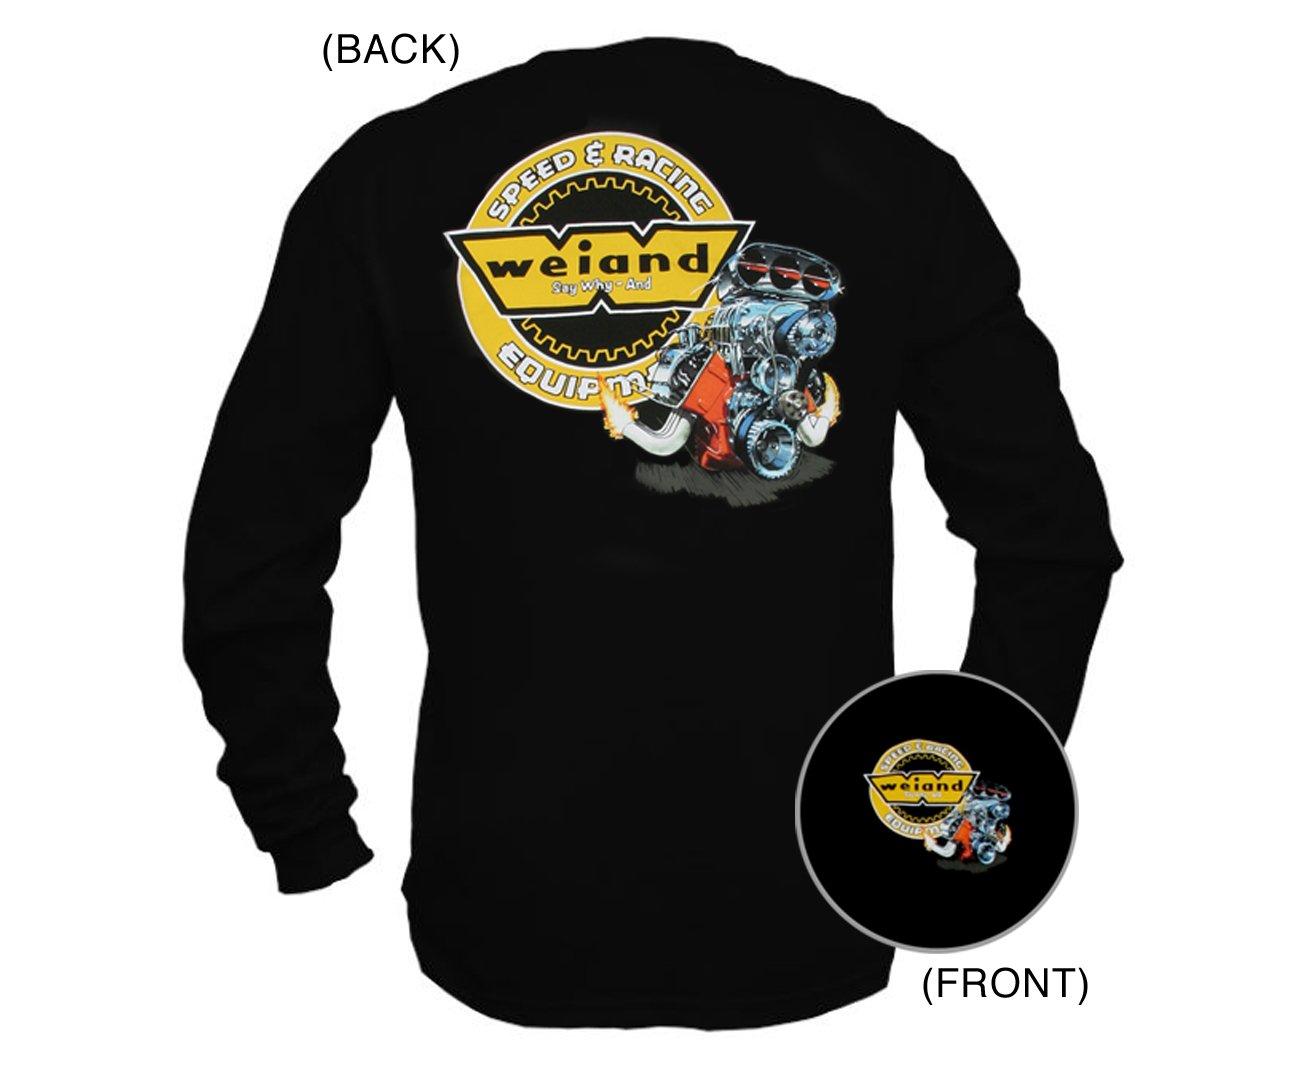 Weiand 10012-XXLWND Weiand Hemi Long Sleeve T-Shirt